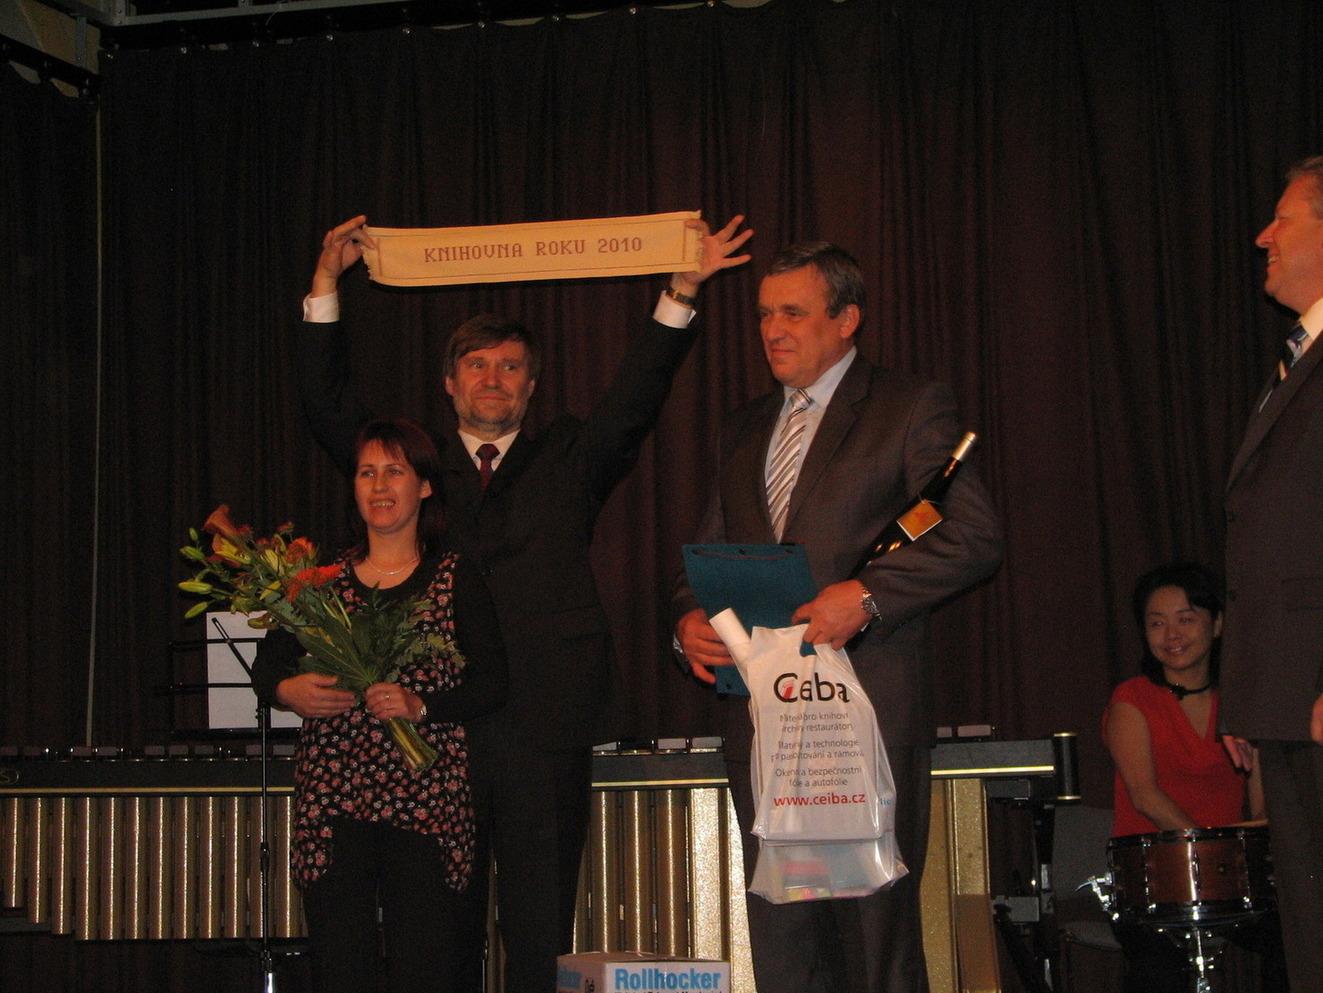 Cenu Knihovna roku 2010 převzala Ing. Jana Krejčí z Obecní knihovny v Petrůvkách, a to spolu s představitelem obce